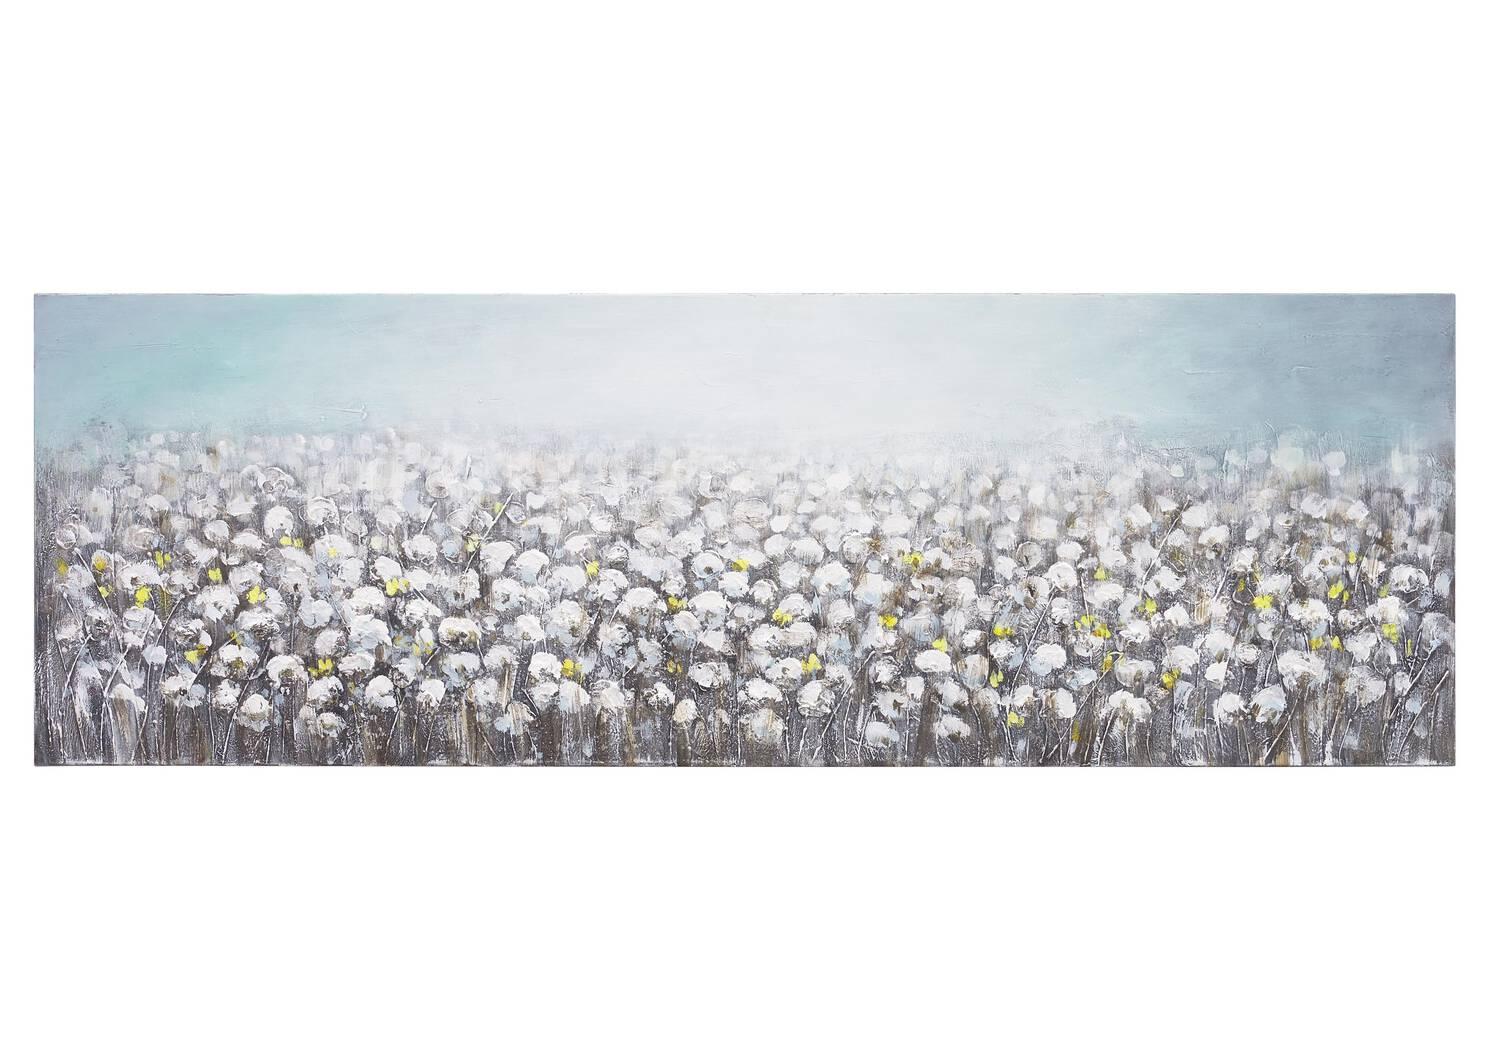 Field of Dreams Wall Art